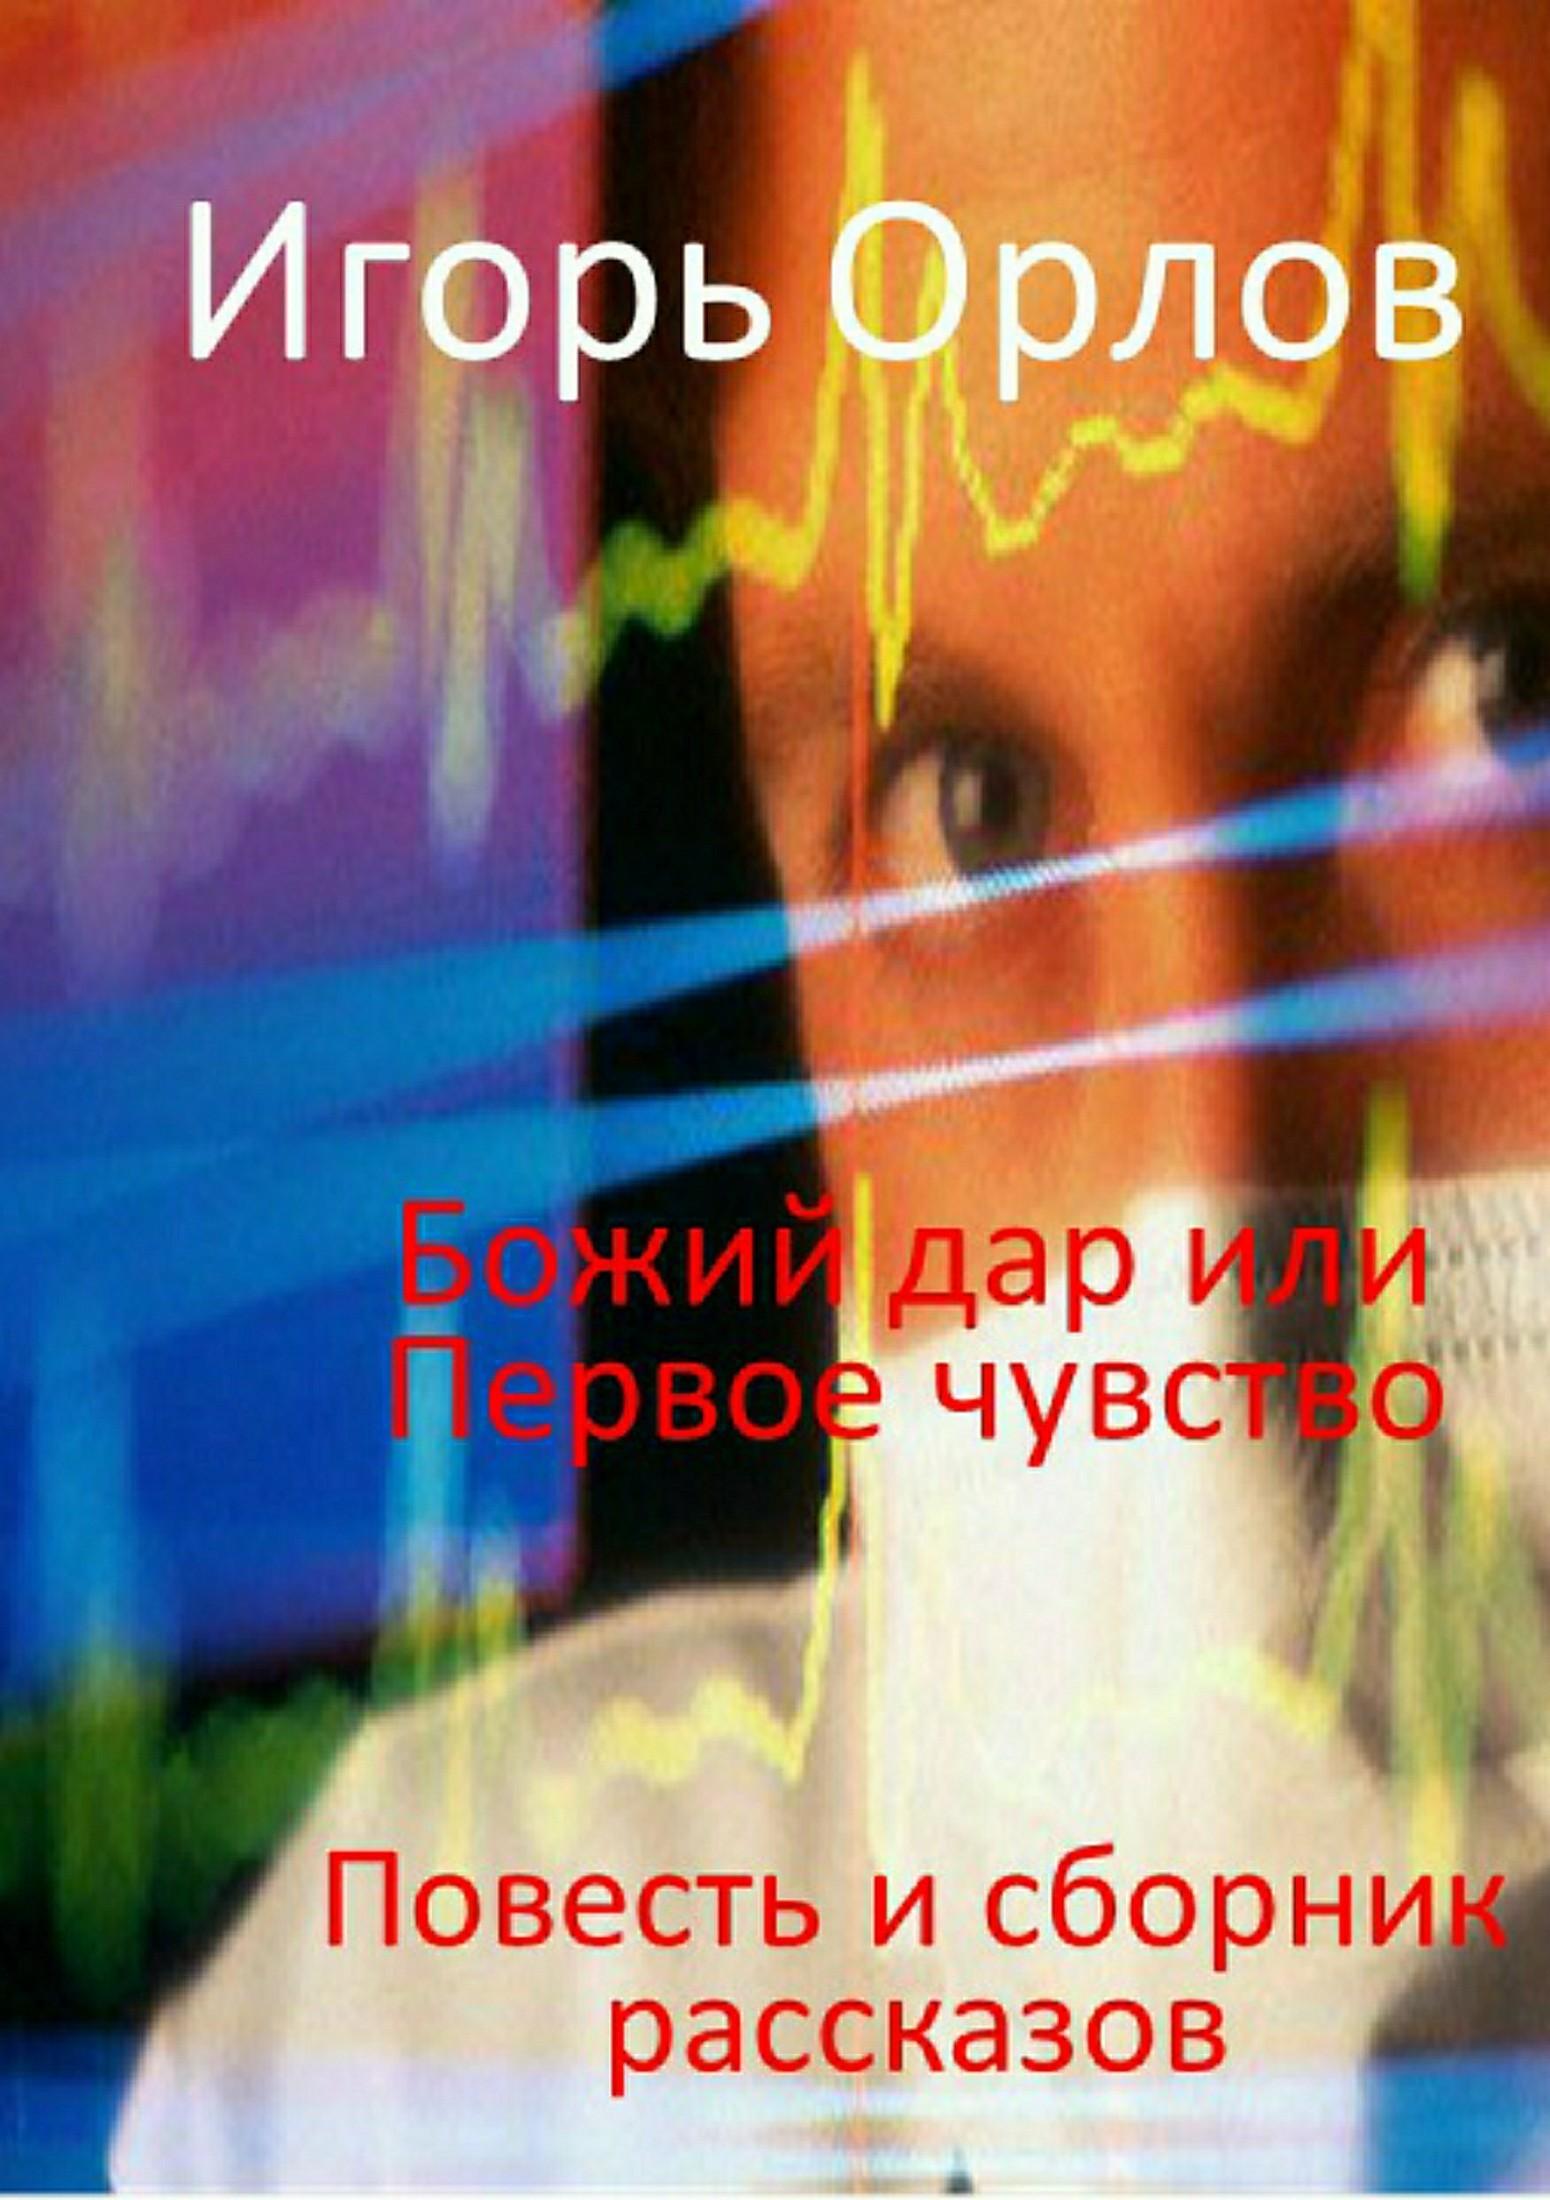 цена Игорь Орлов Божий Дар или Первое чувство